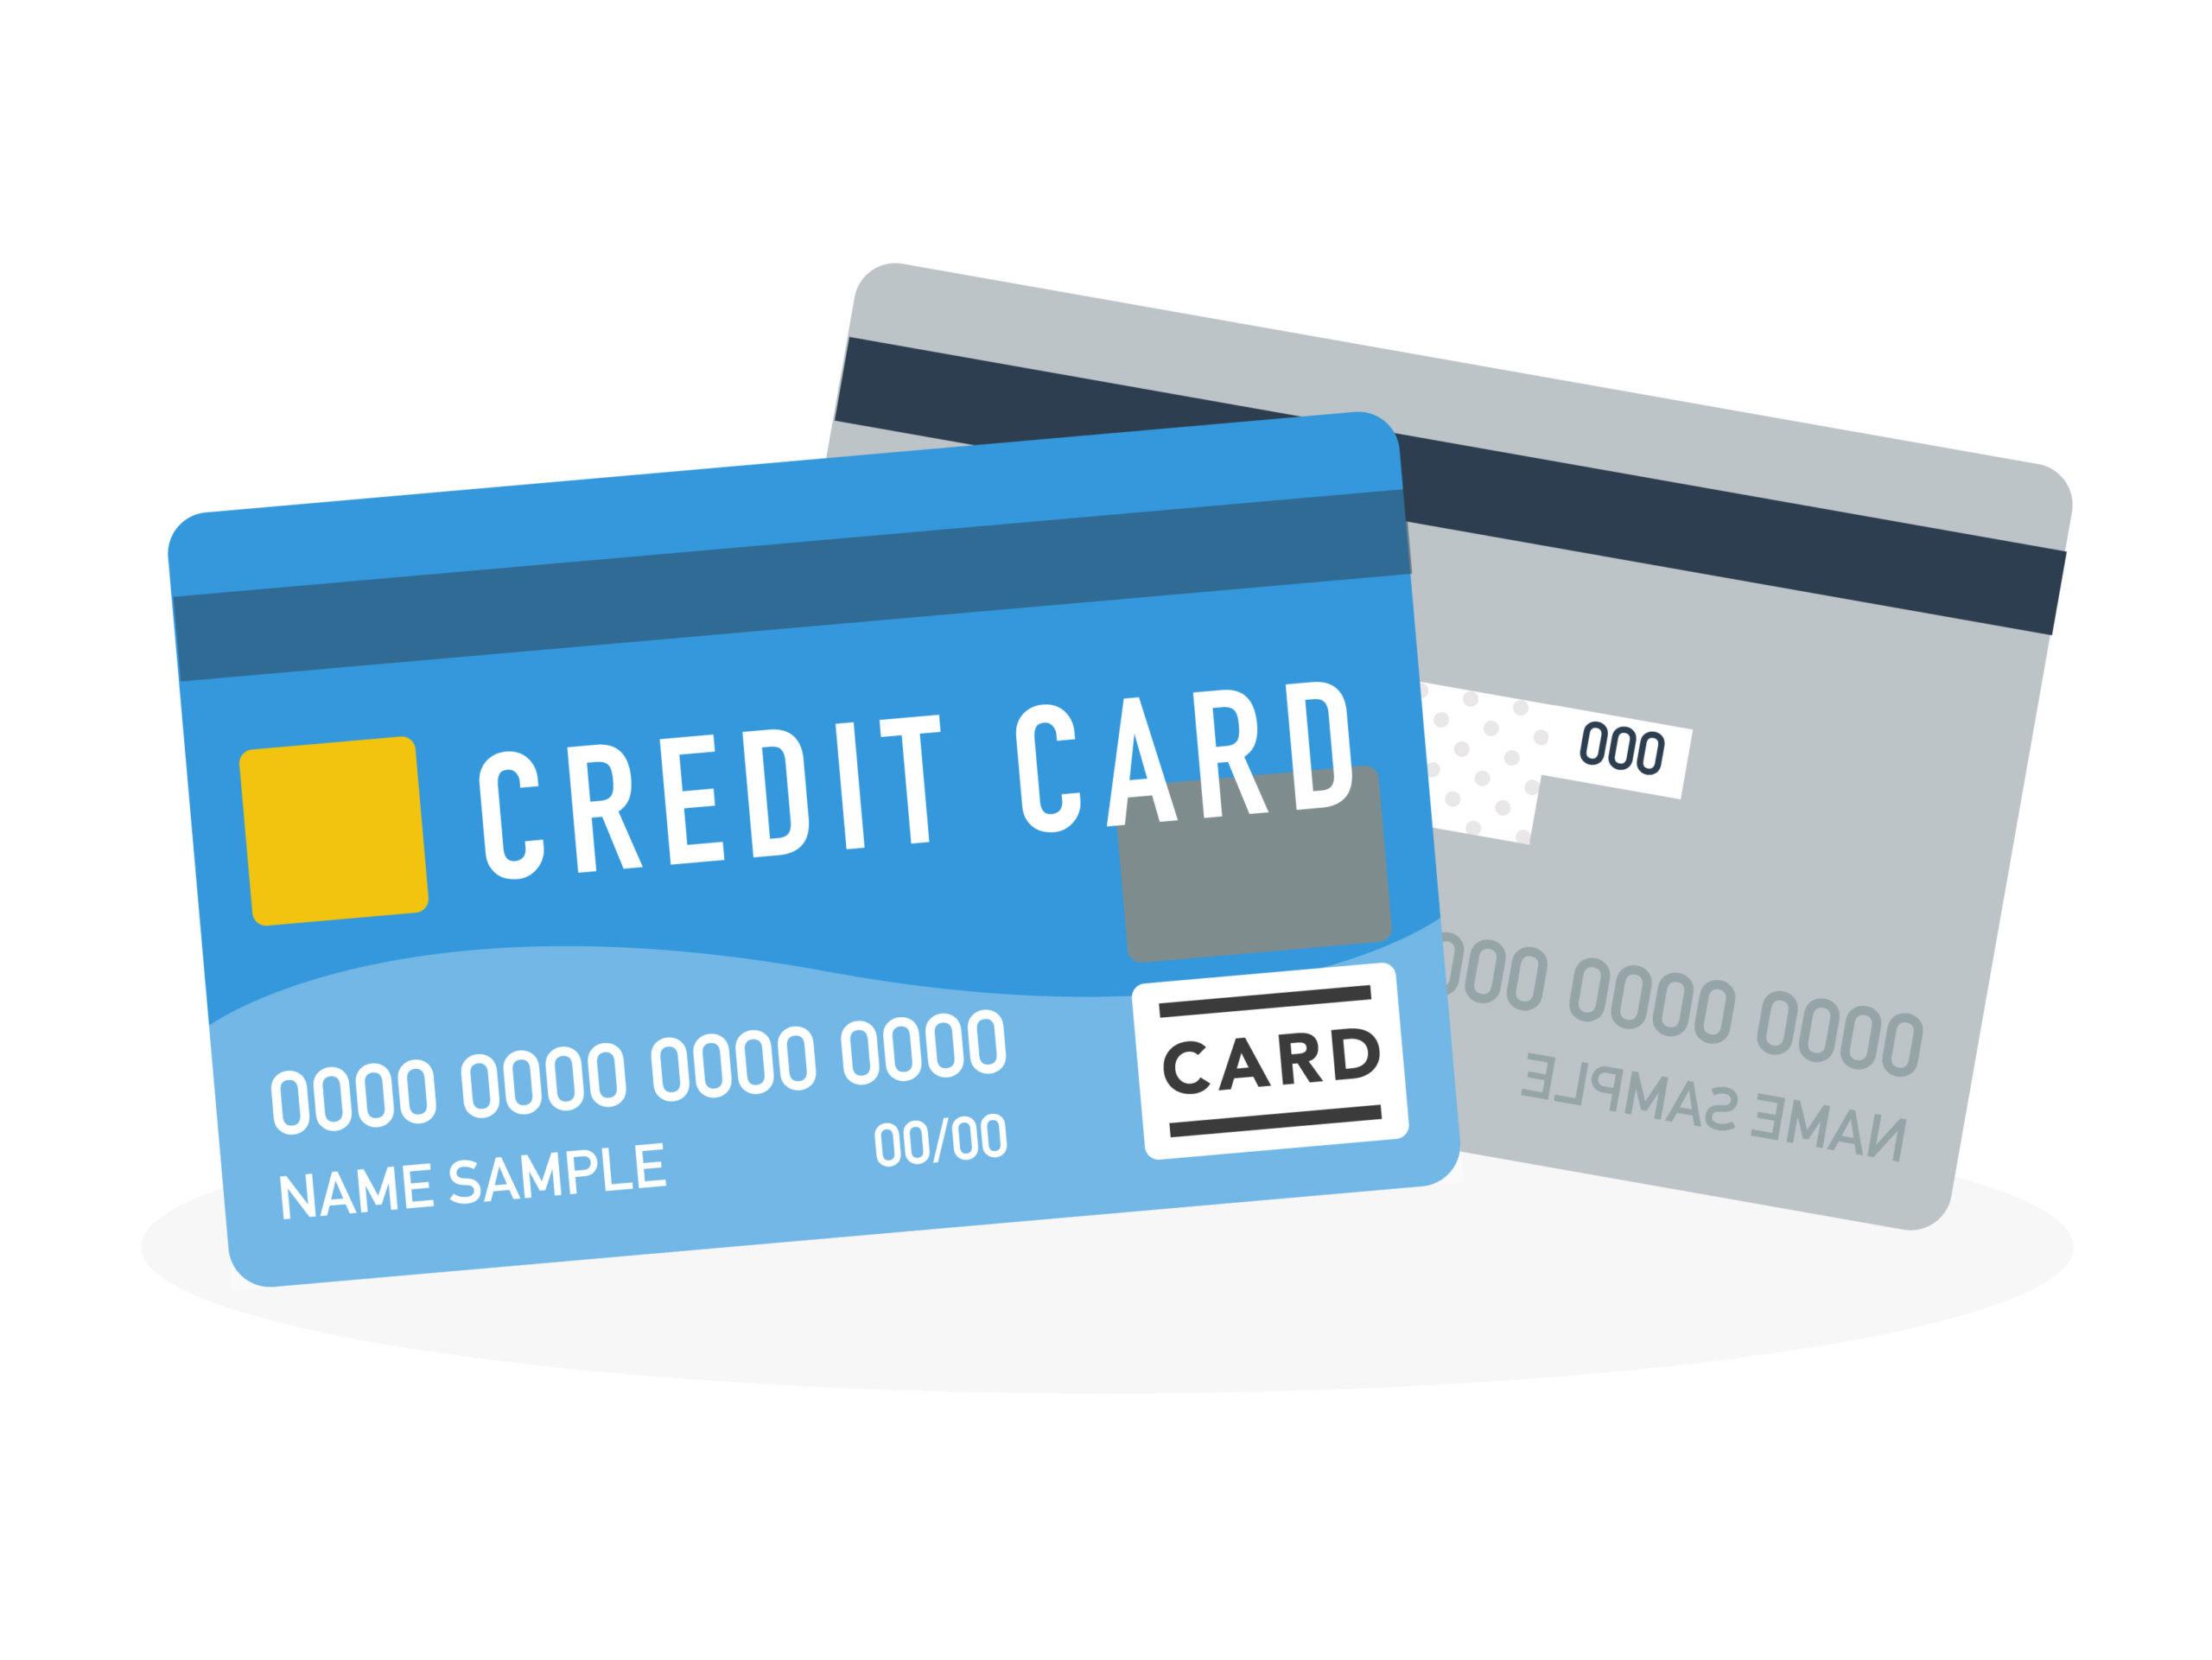 リーンボディを利用する時に使えるクレジットカード